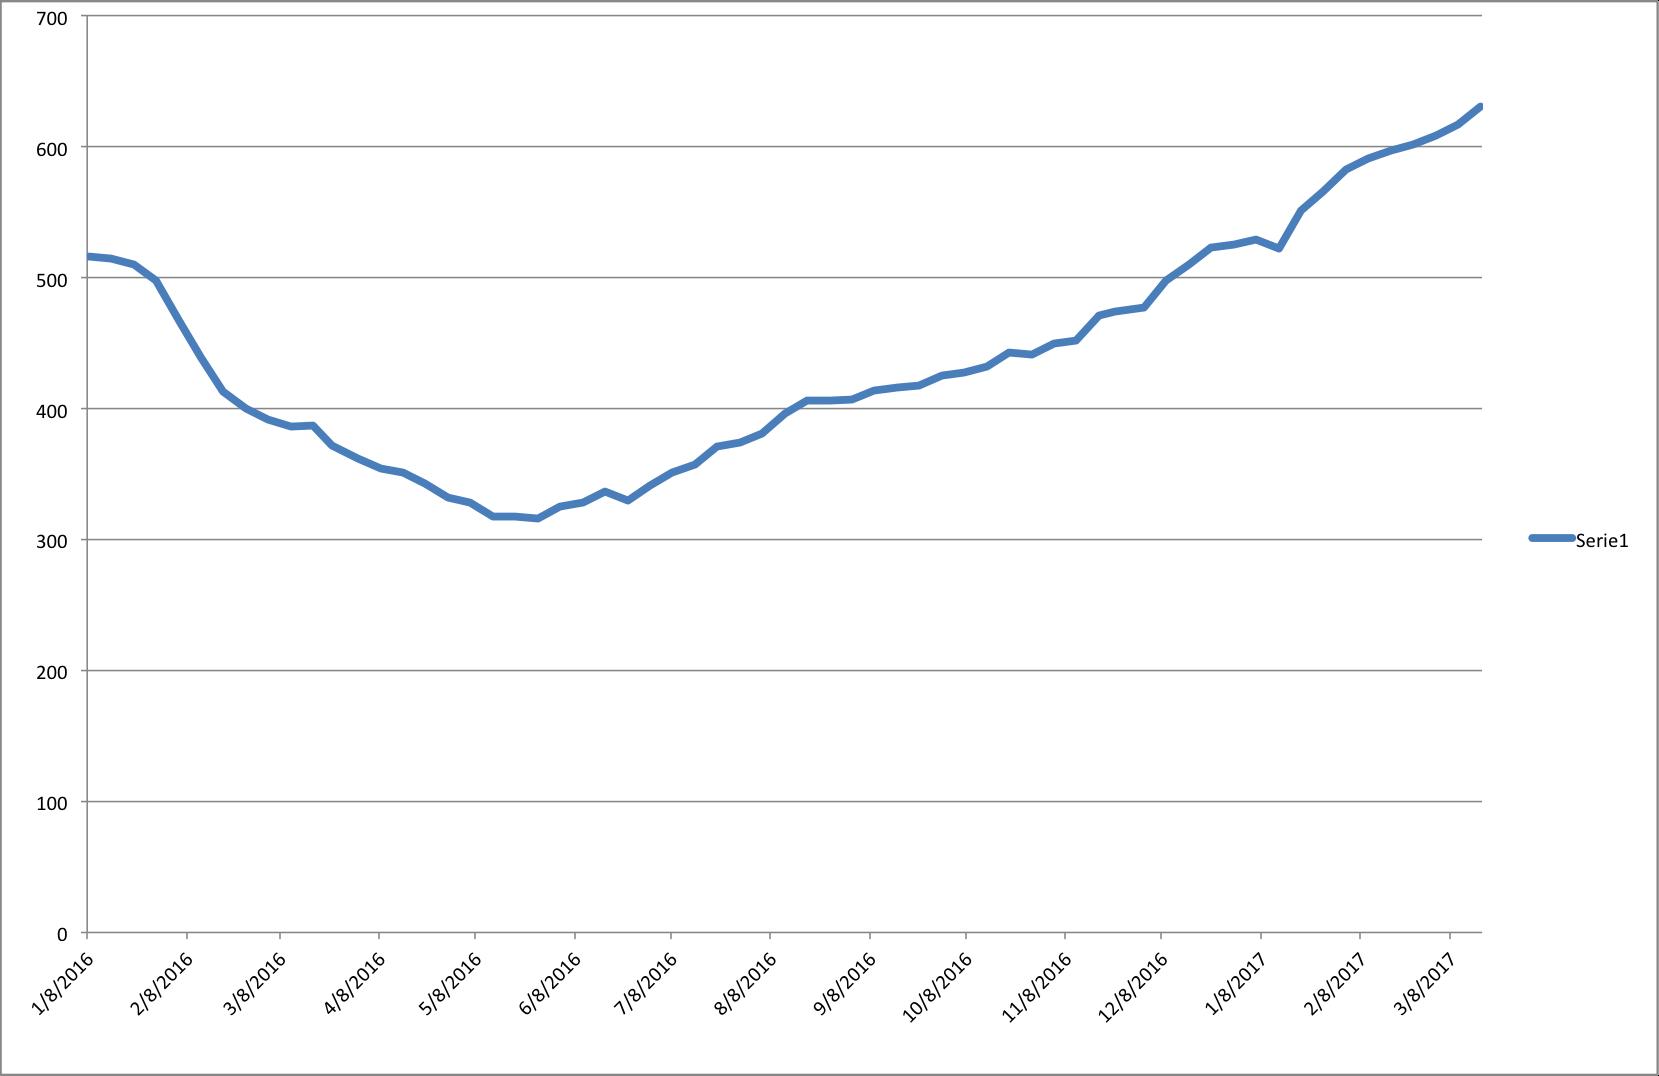 Brent sotto 50 dlr prima volta da 4 mesi